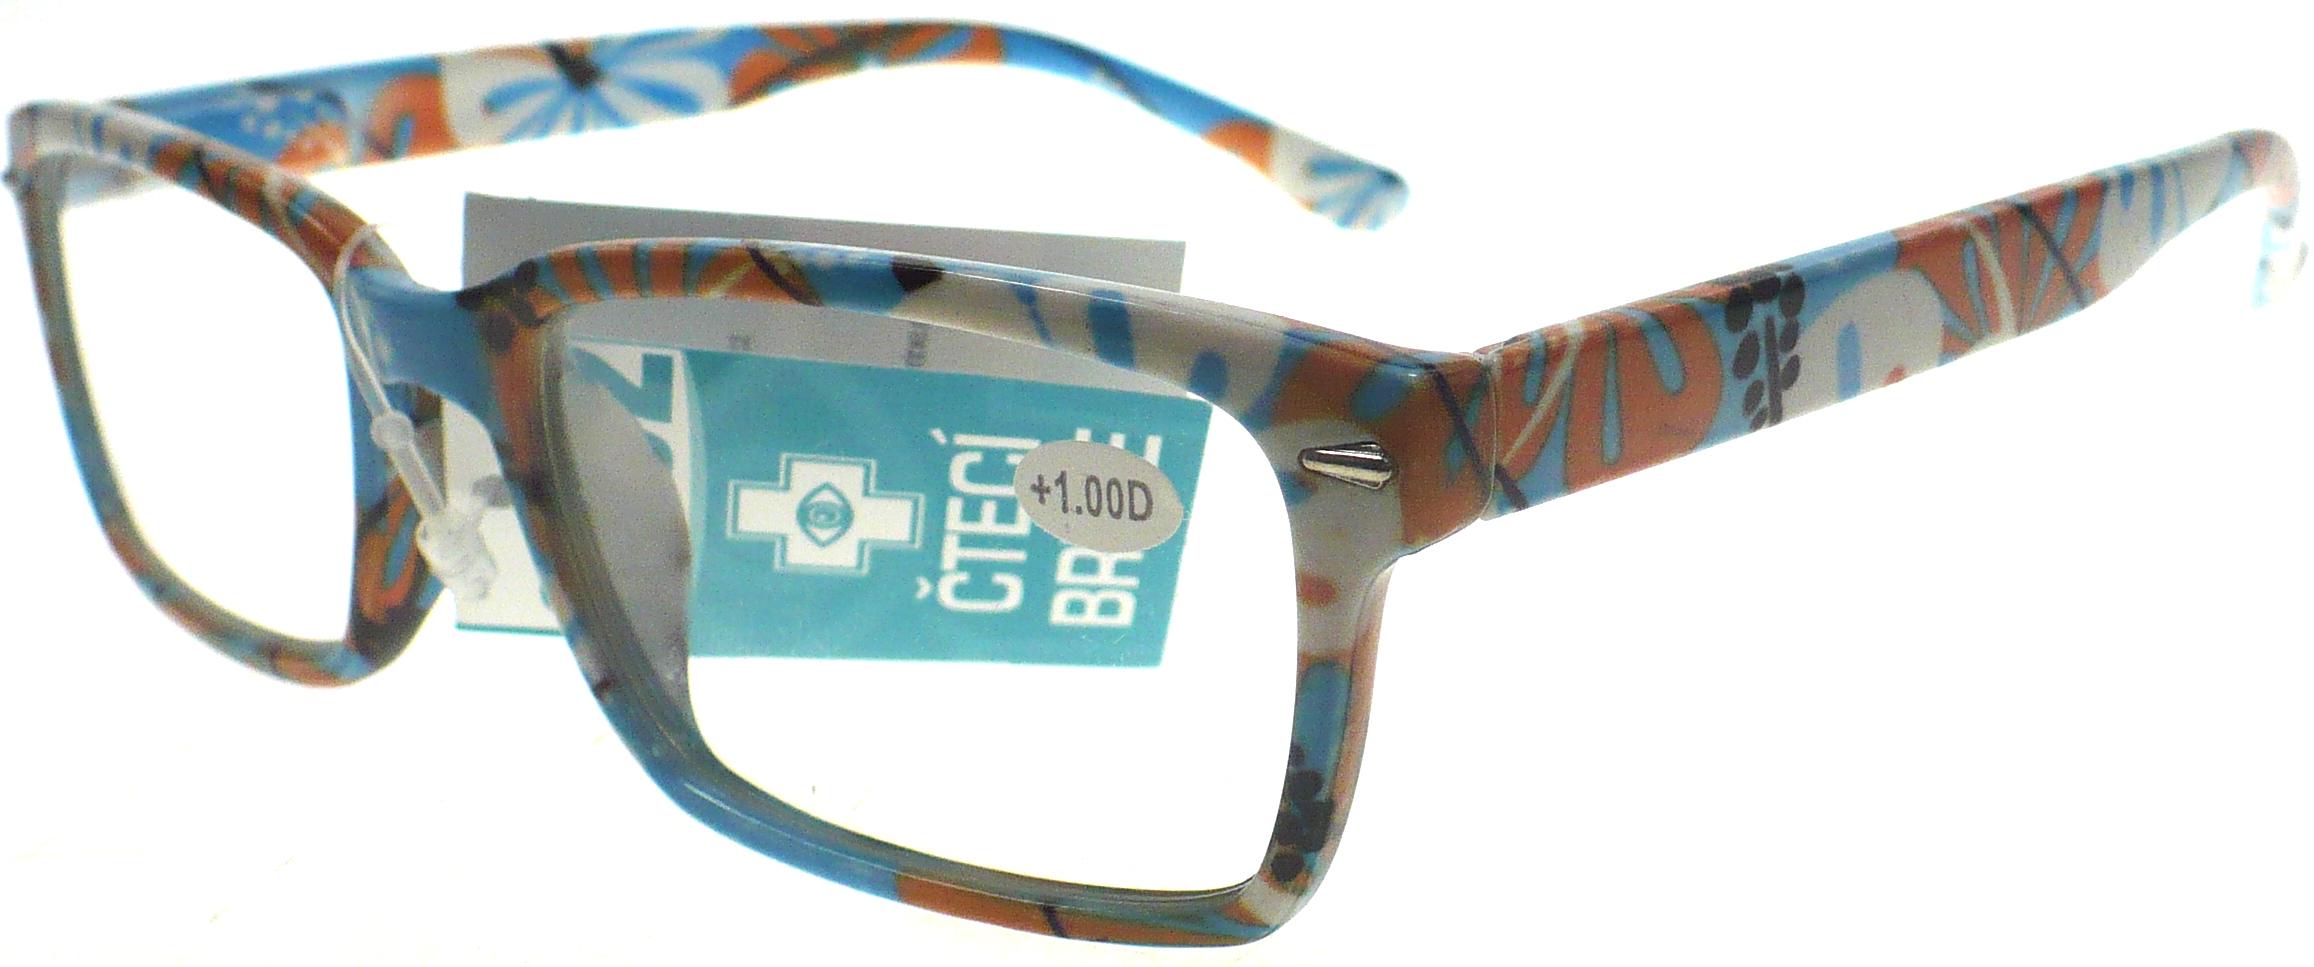 Berkeley Čtecí dioptrické brýle +1,0 světle modré květované 1 kus MC2096